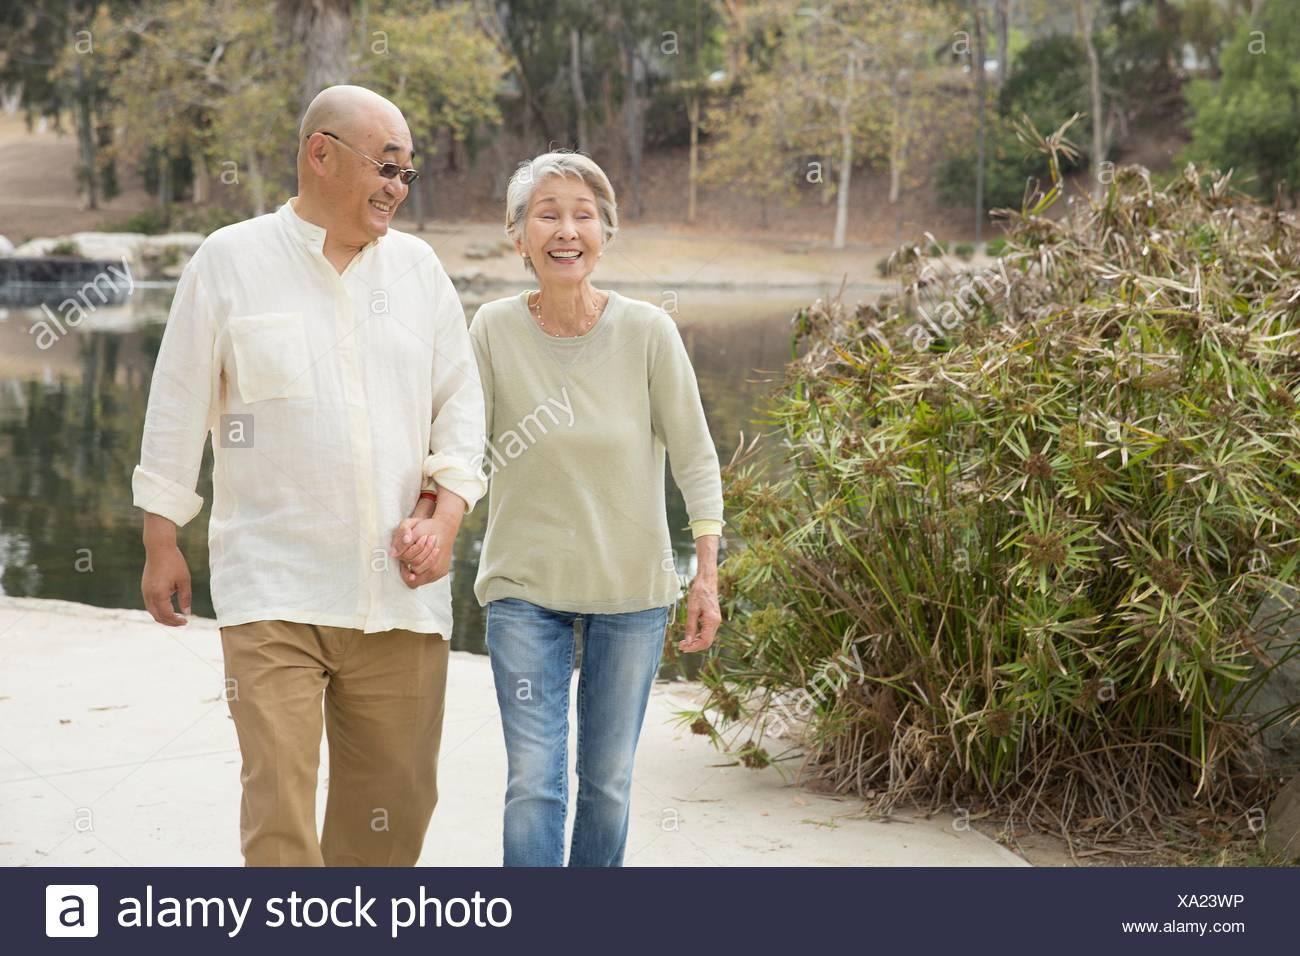 Coppia senior camminando lungo il percorso, tenendo le mani, ridendo Immagini Stock